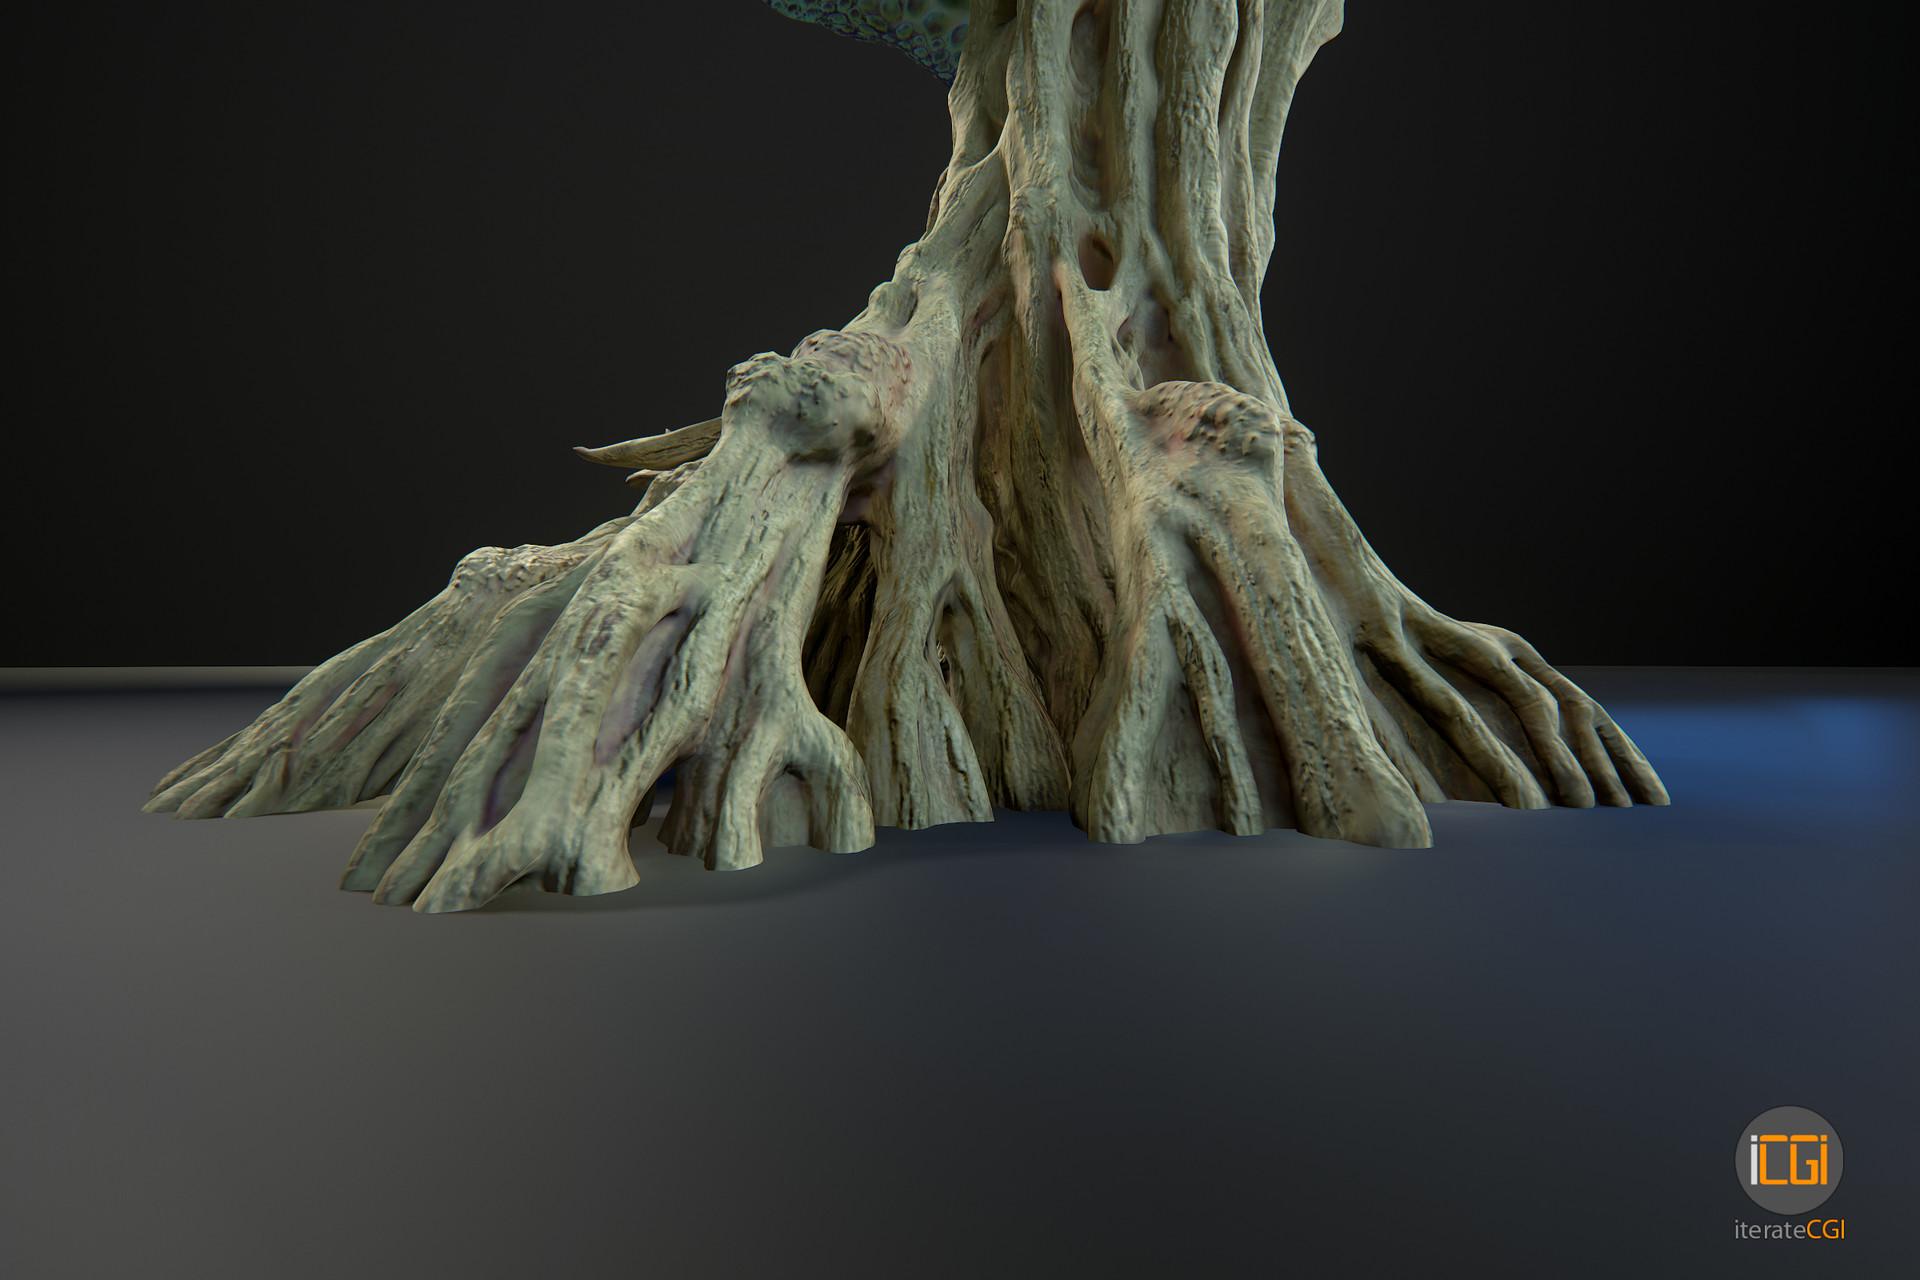 Johan de leenheer alien plant mushroom type2 17